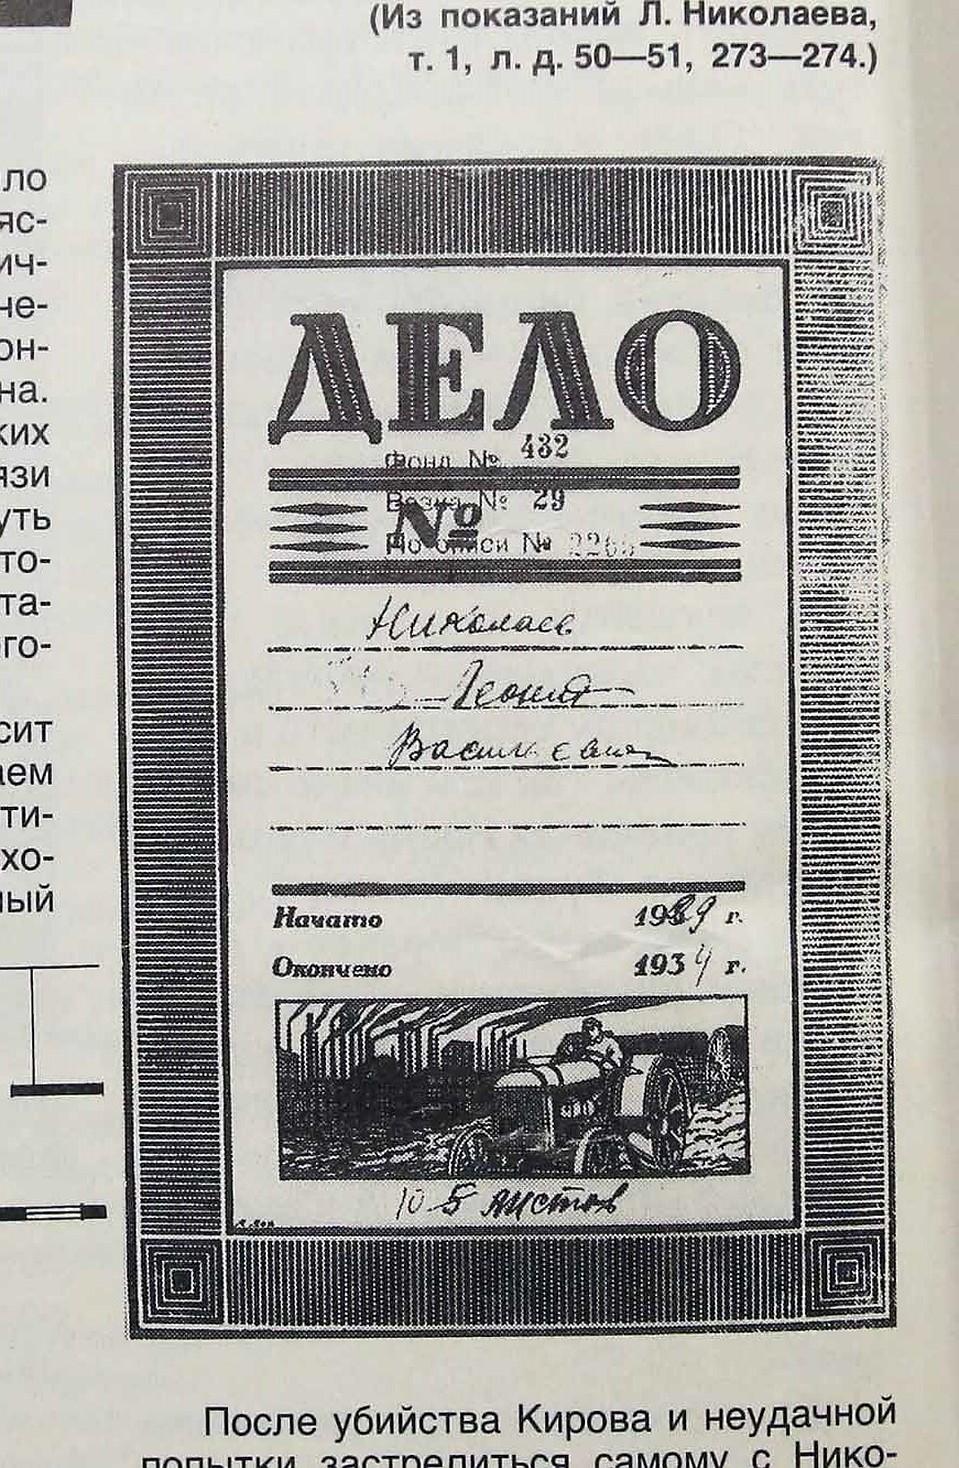 карта водителя киров срочно получить банковскую карту онлайн без прихода в банк